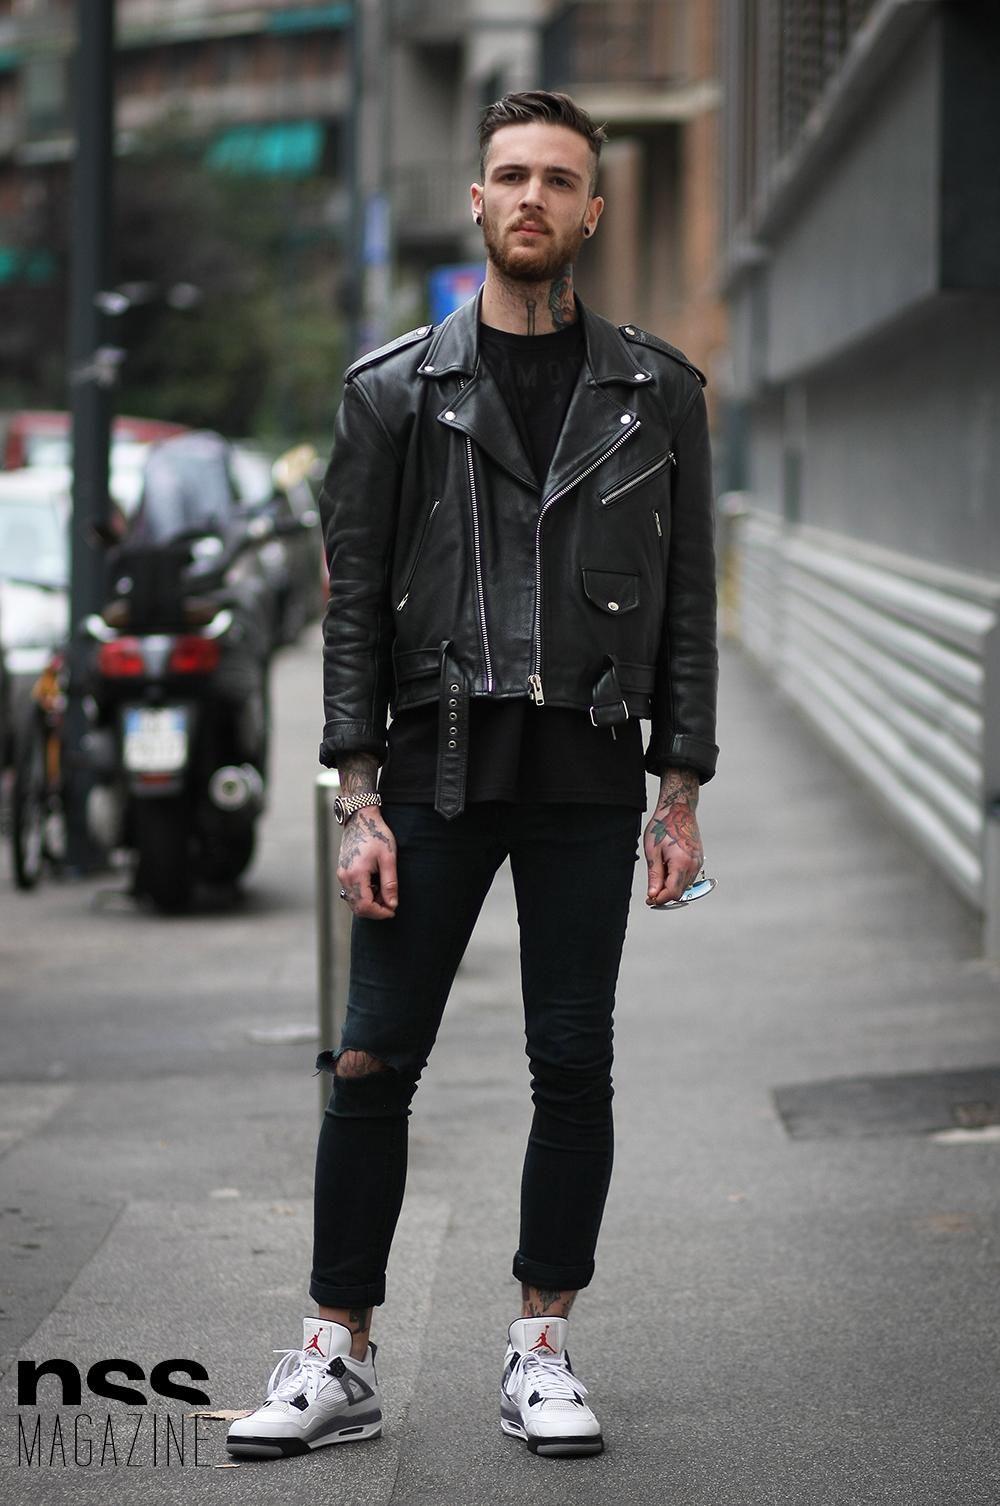 Federico Galdangelo Streetstyle In Milan Menswear